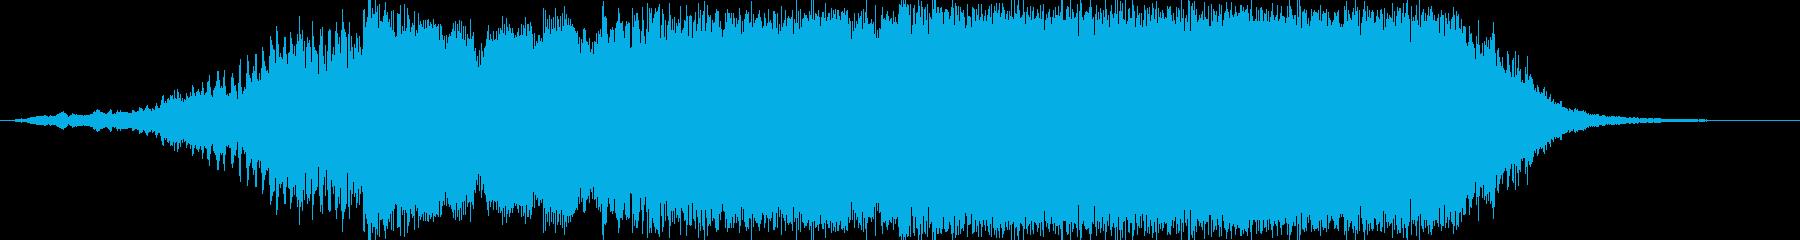 重厚感のあるファンファーレ02の再生済みの波形